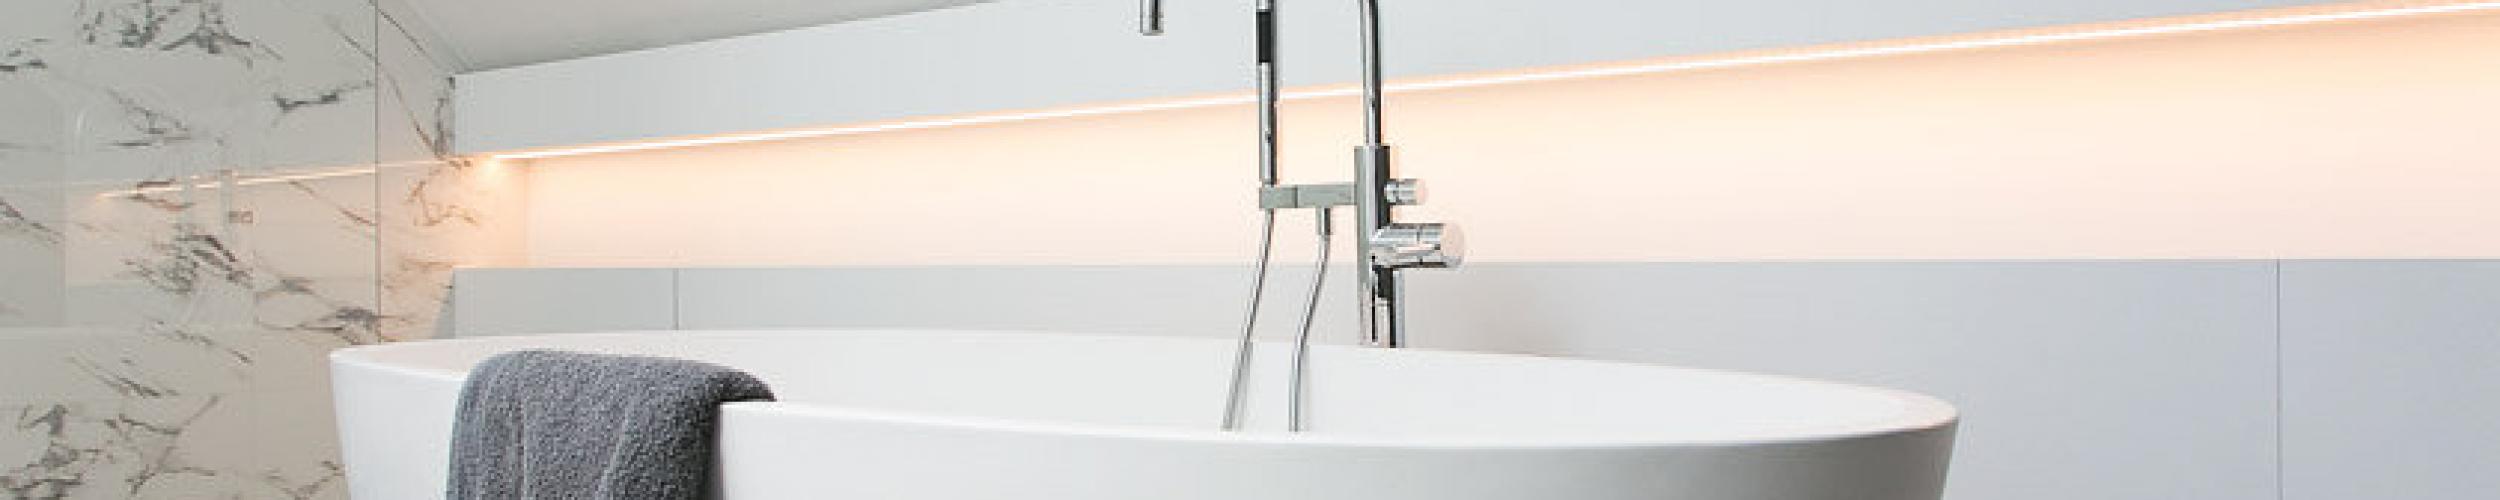 badkamer met lichtgoot